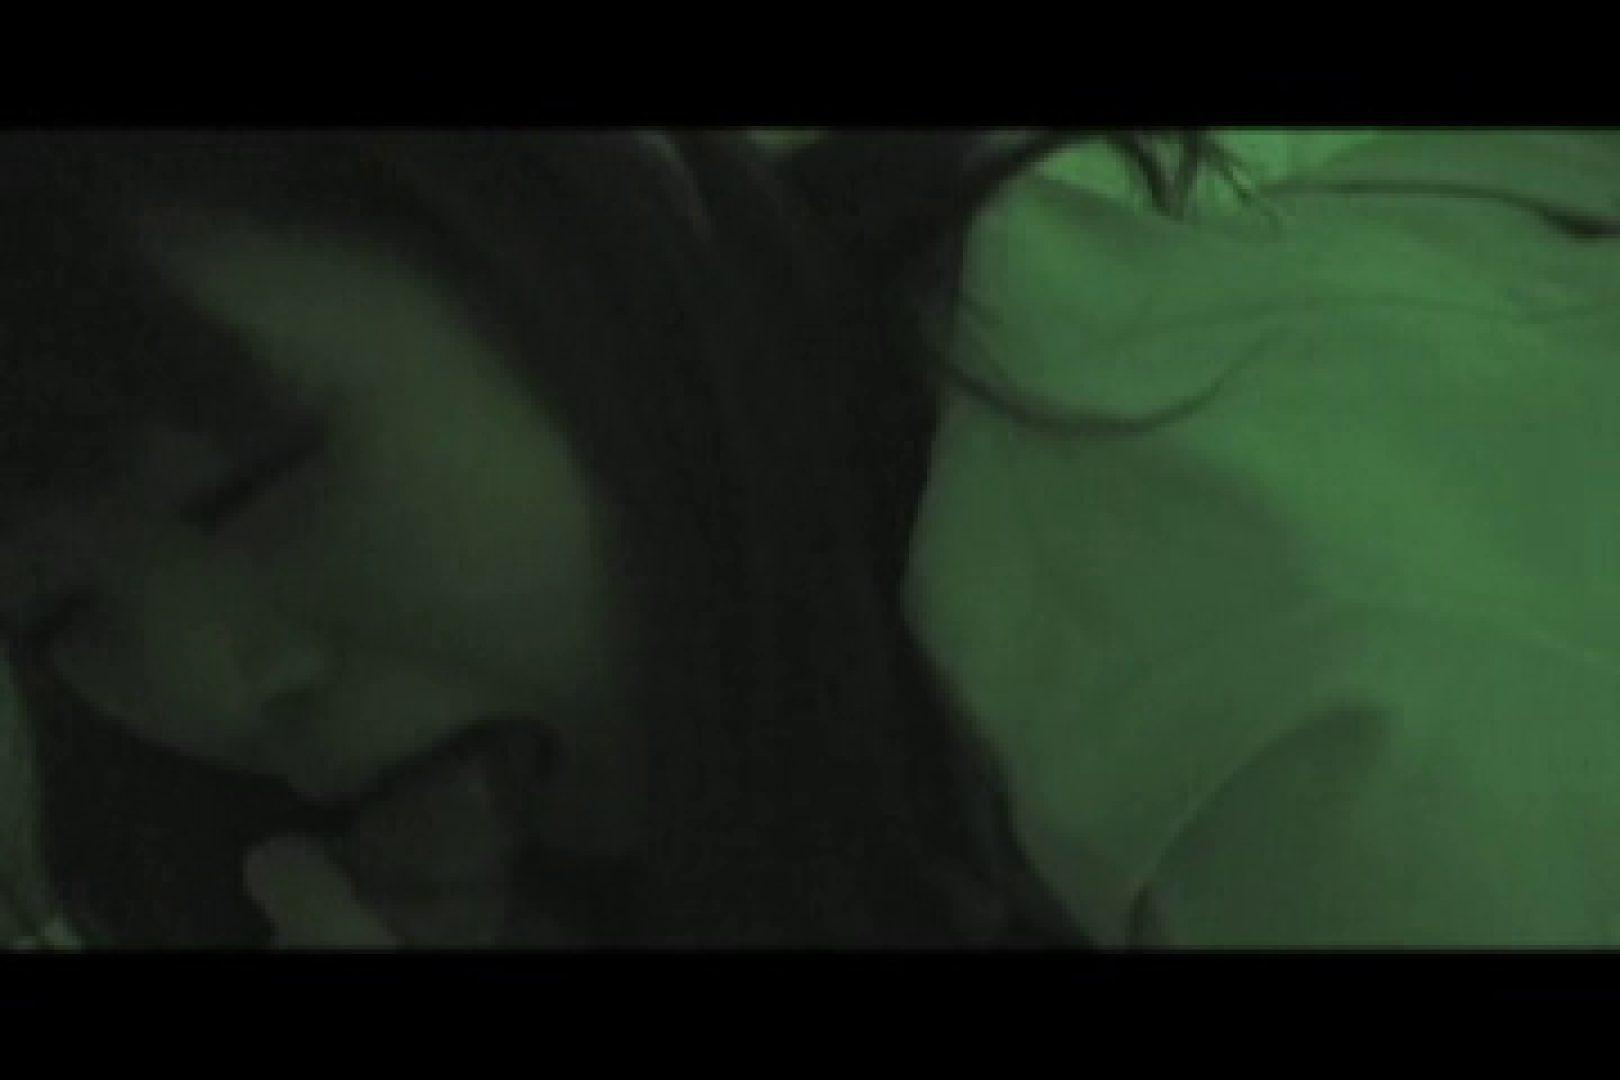 ヤリマンと呼ばれた看護士さんvol3 厠隠し撮り ワレメ動画紹介 72pic 53